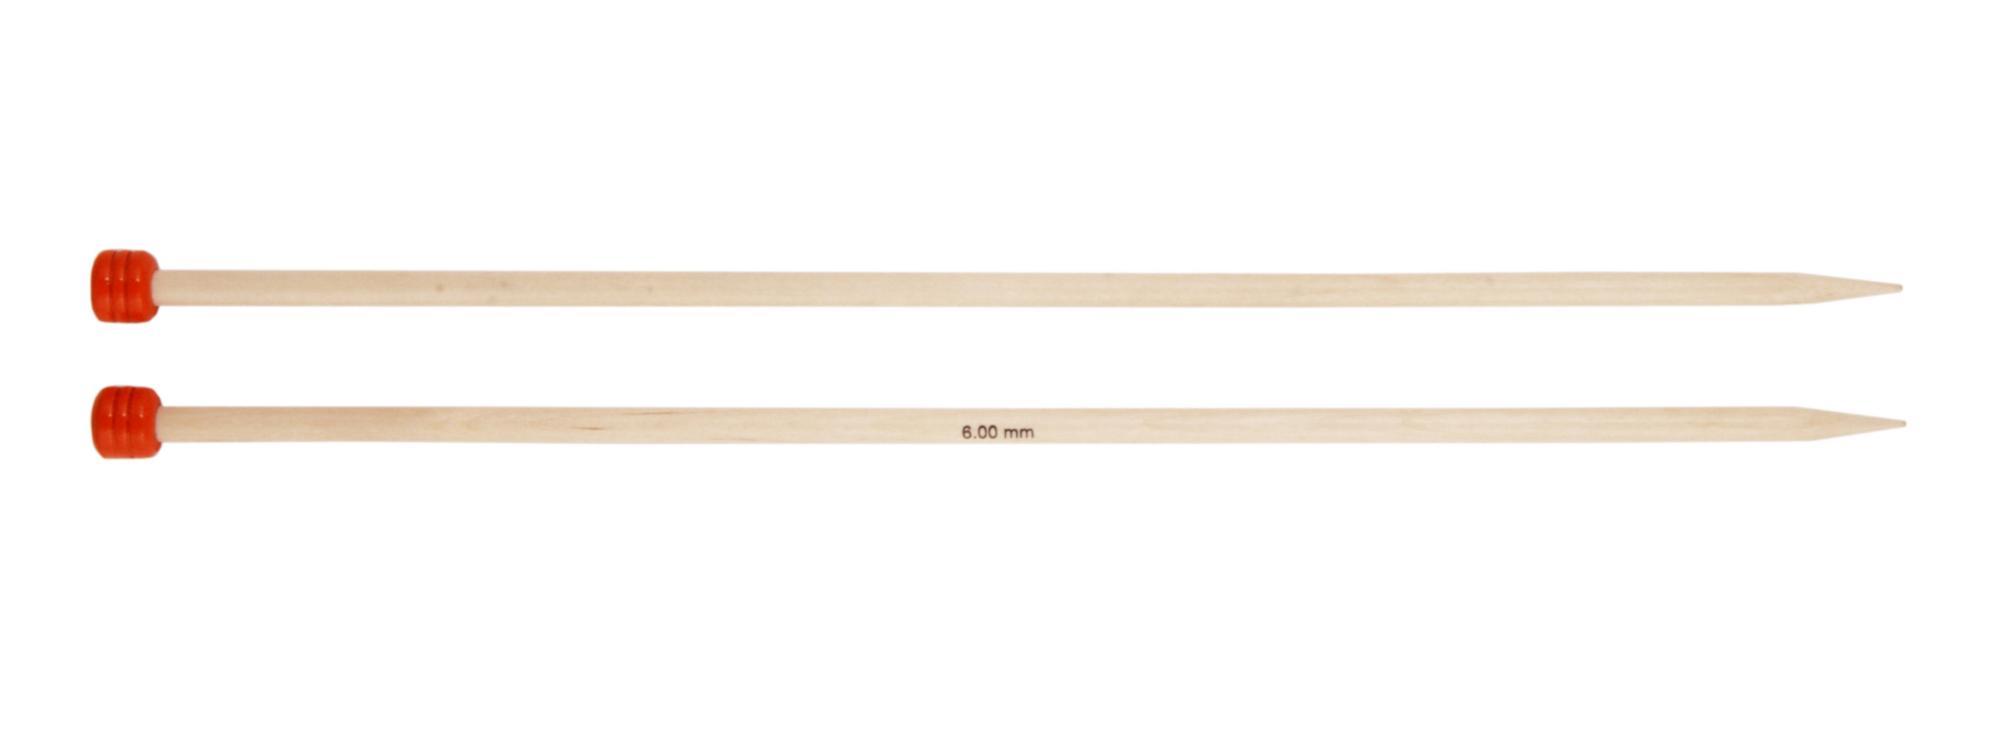 Спицы прямые 35 см Basix Birch Wood KnitPro, 35265, 8.00 мм